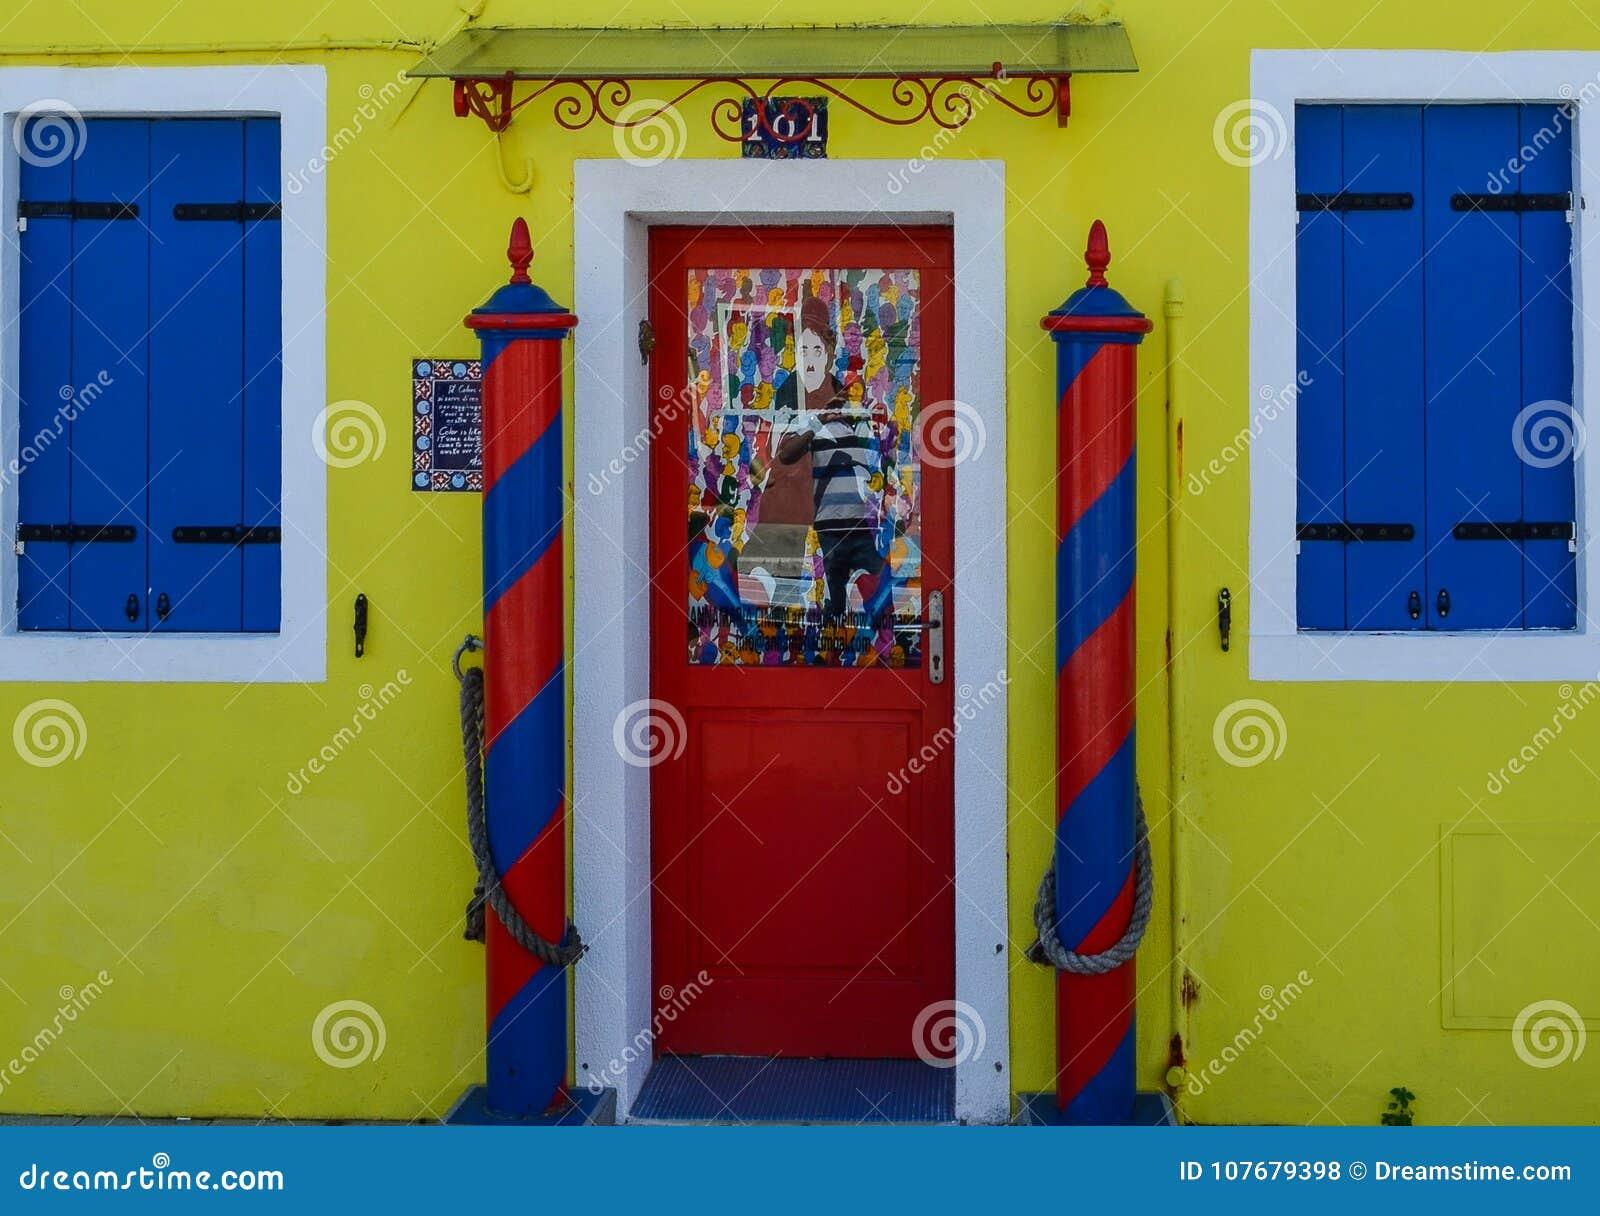 Yellow House With Red Door Stock Photo Image Of Door 107679398